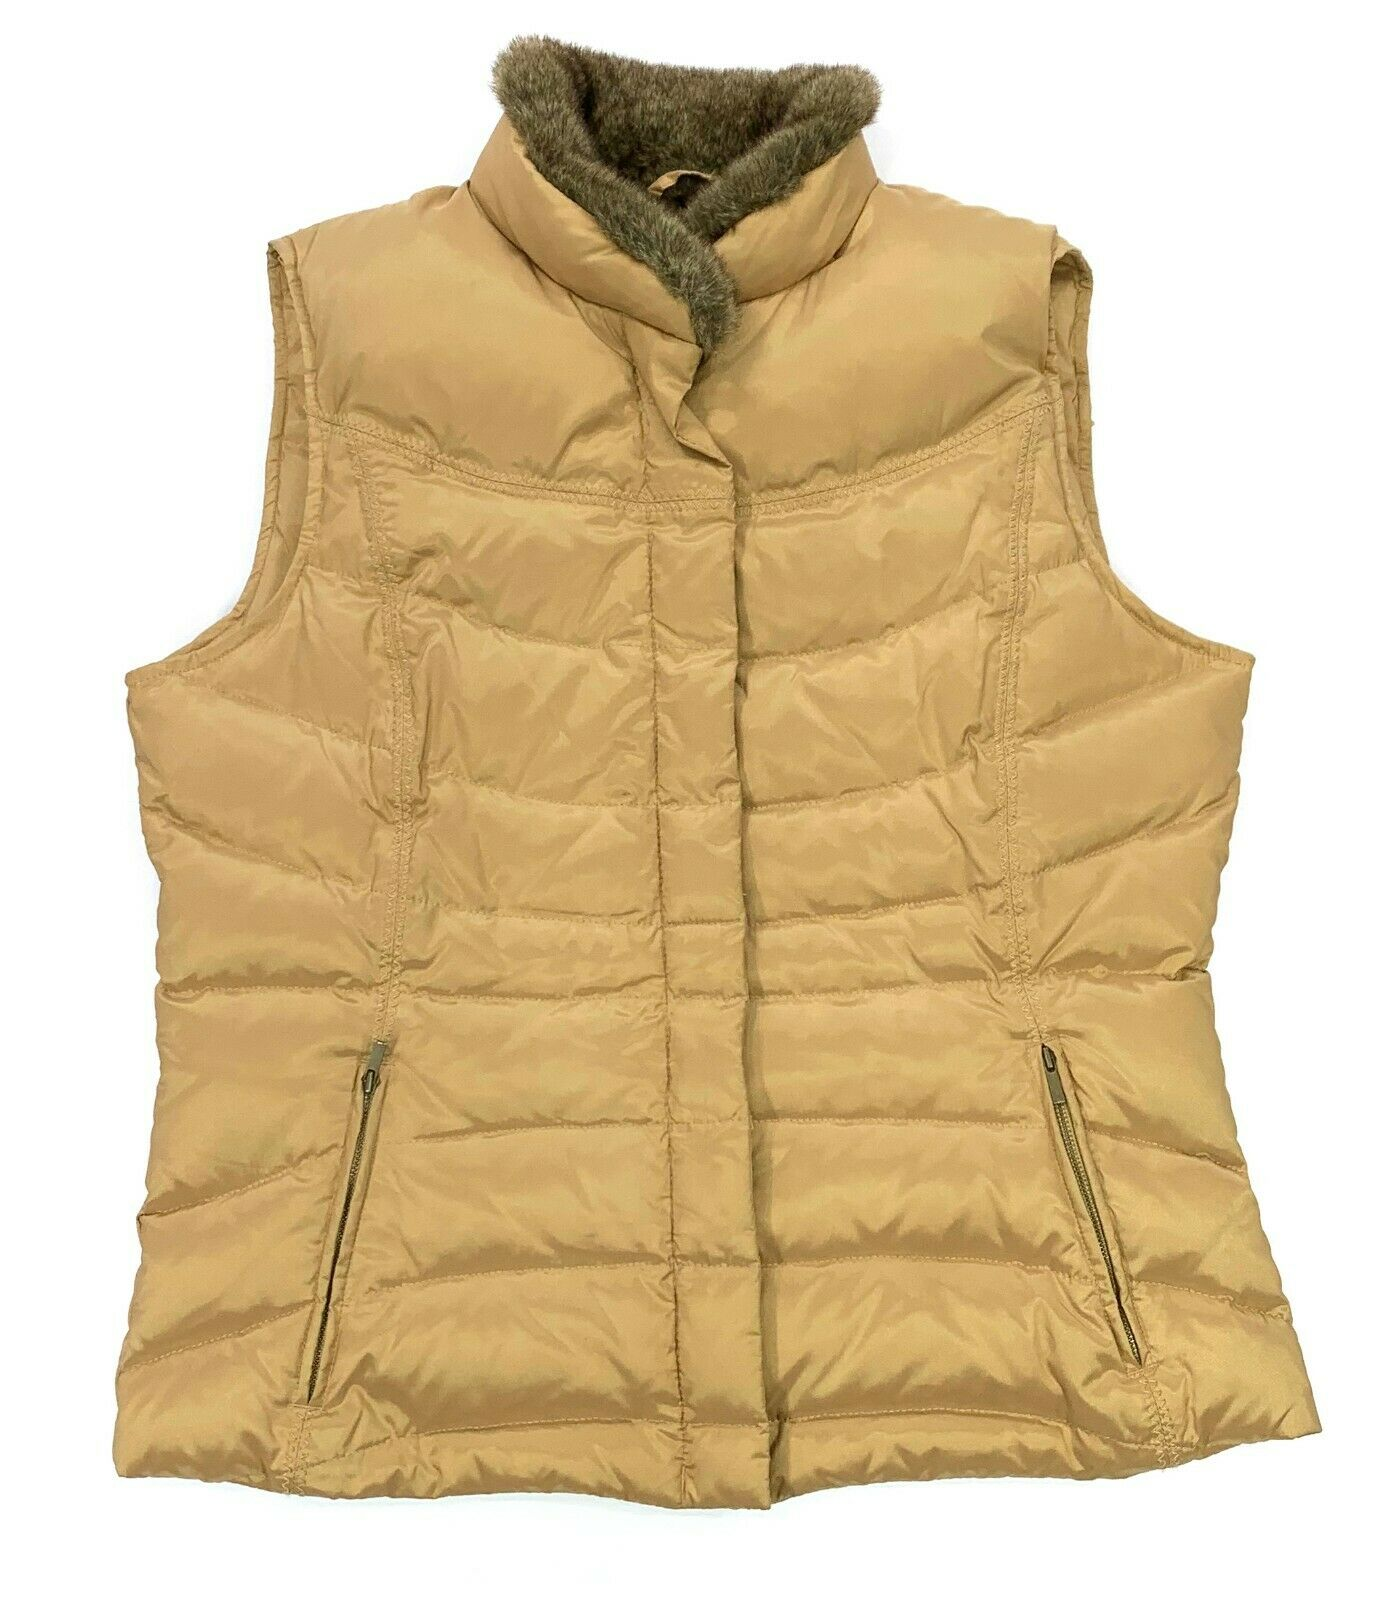 Eddie Bauer Sz L Tan Down Quilted Puffer Vest Faux Fur